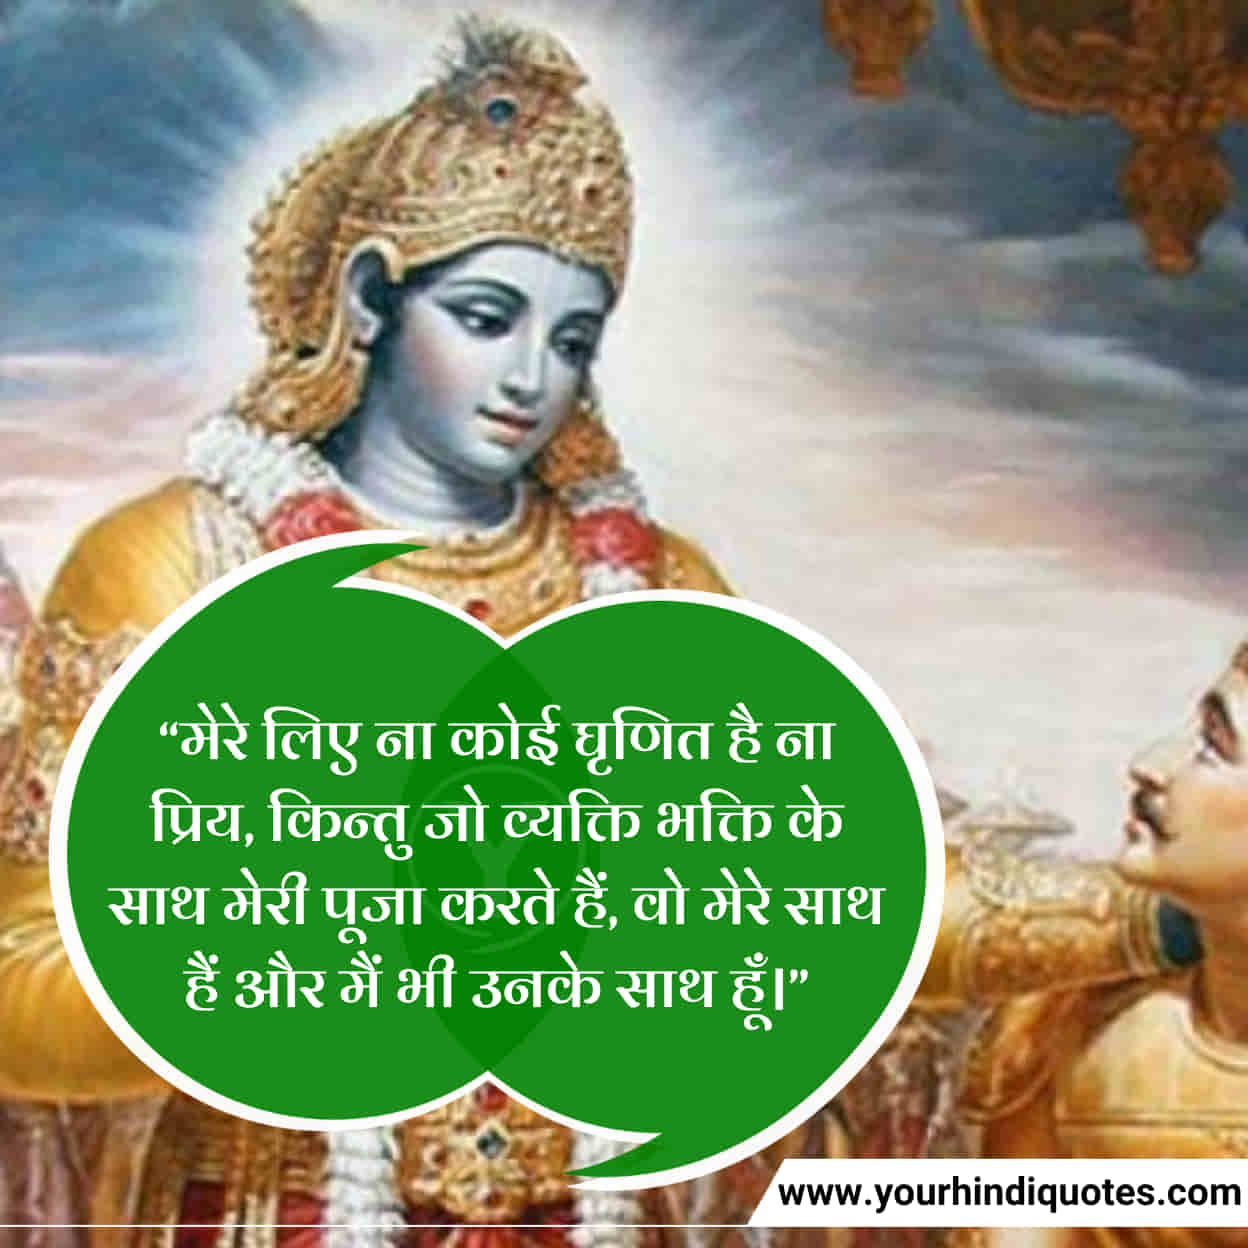 Hindi Shrimad Bhagwat Gita Quotes